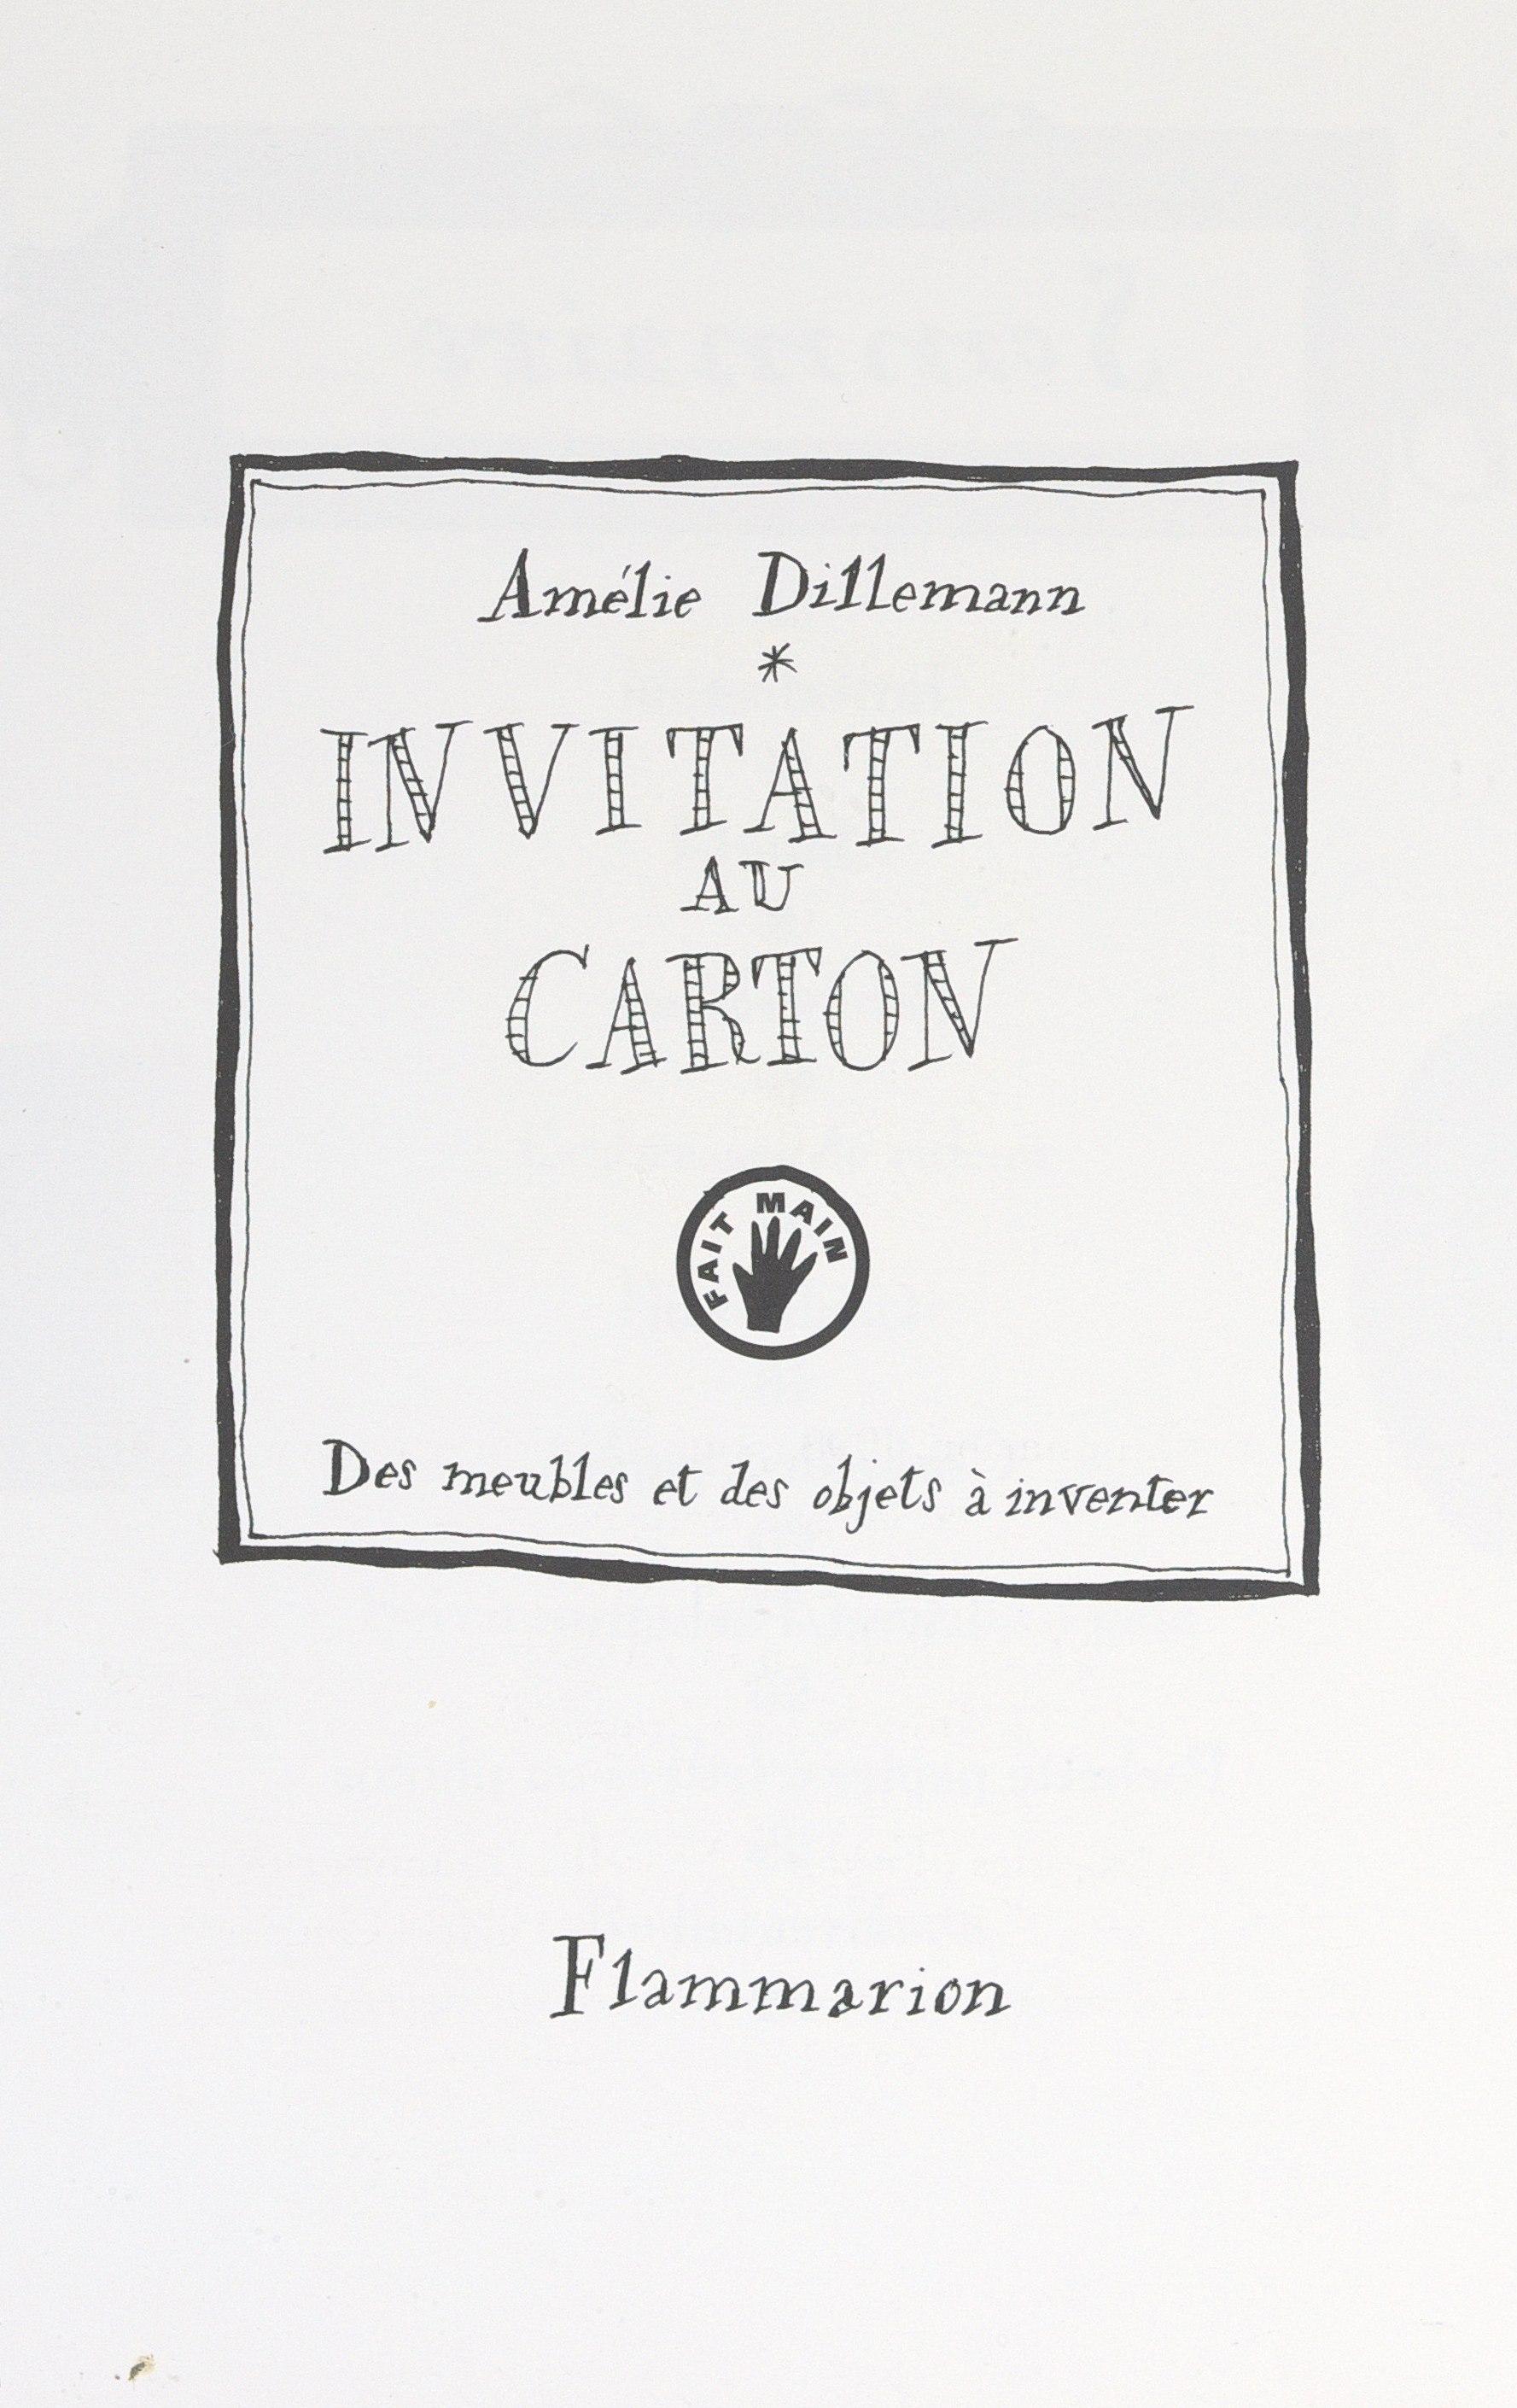 Invitation au carton